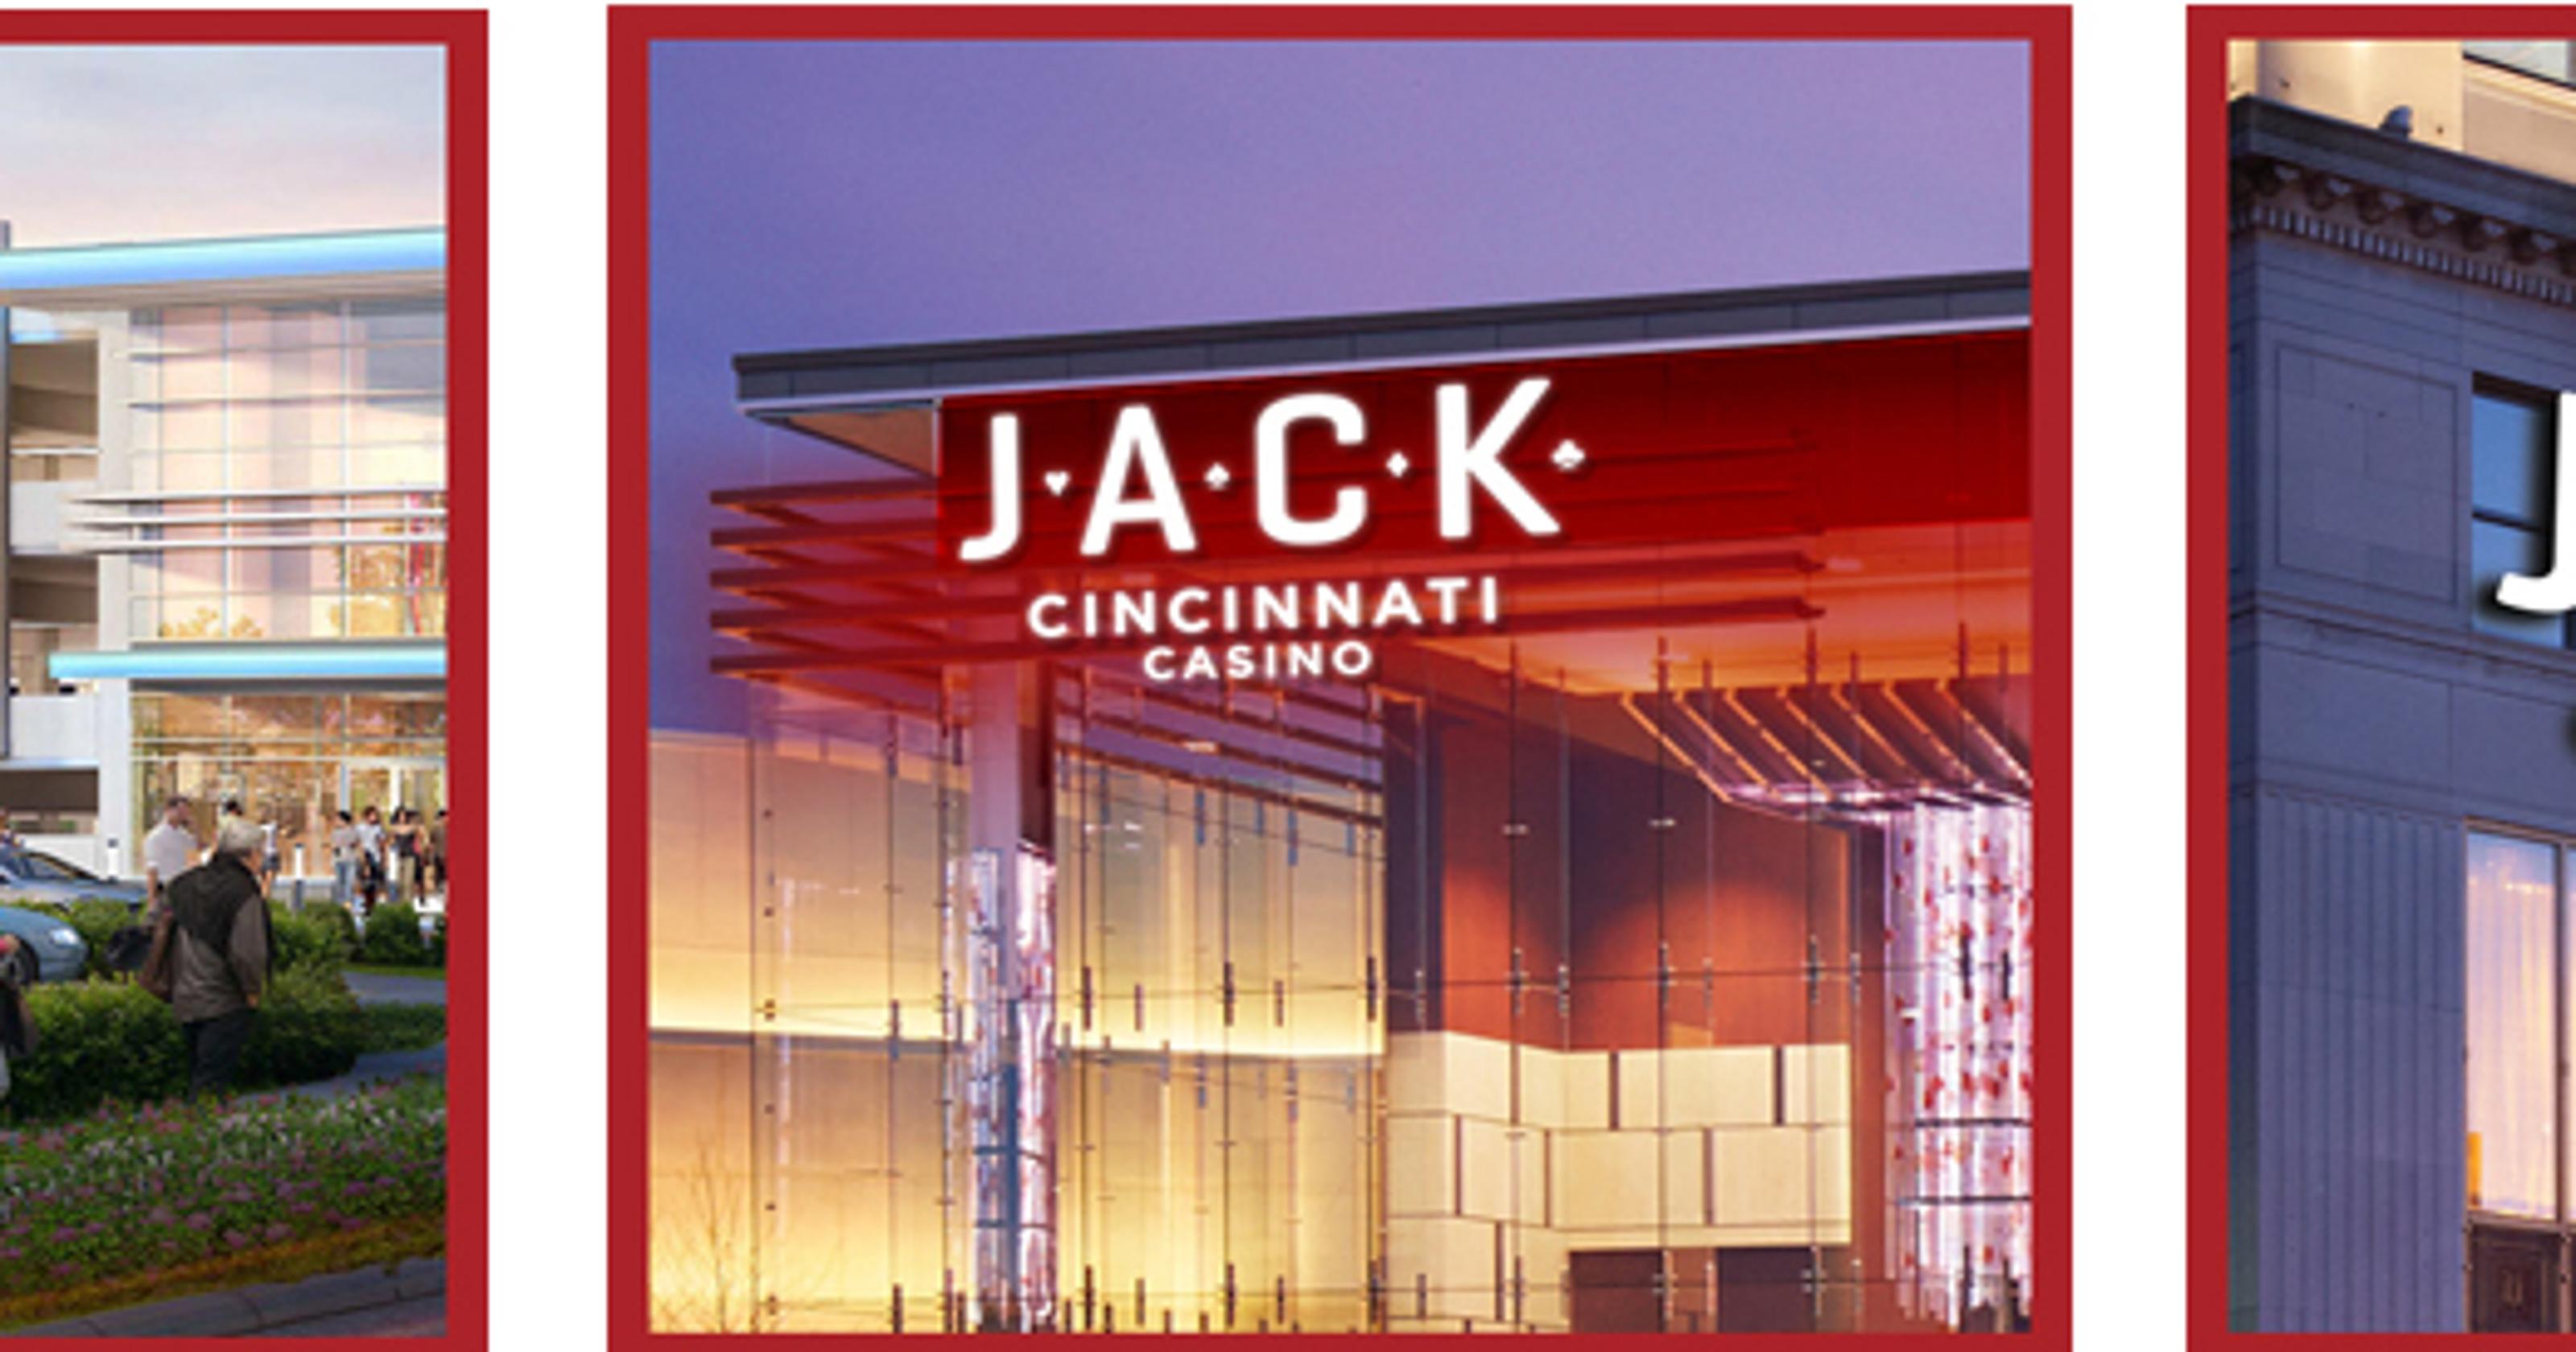 Cincinnati Casino